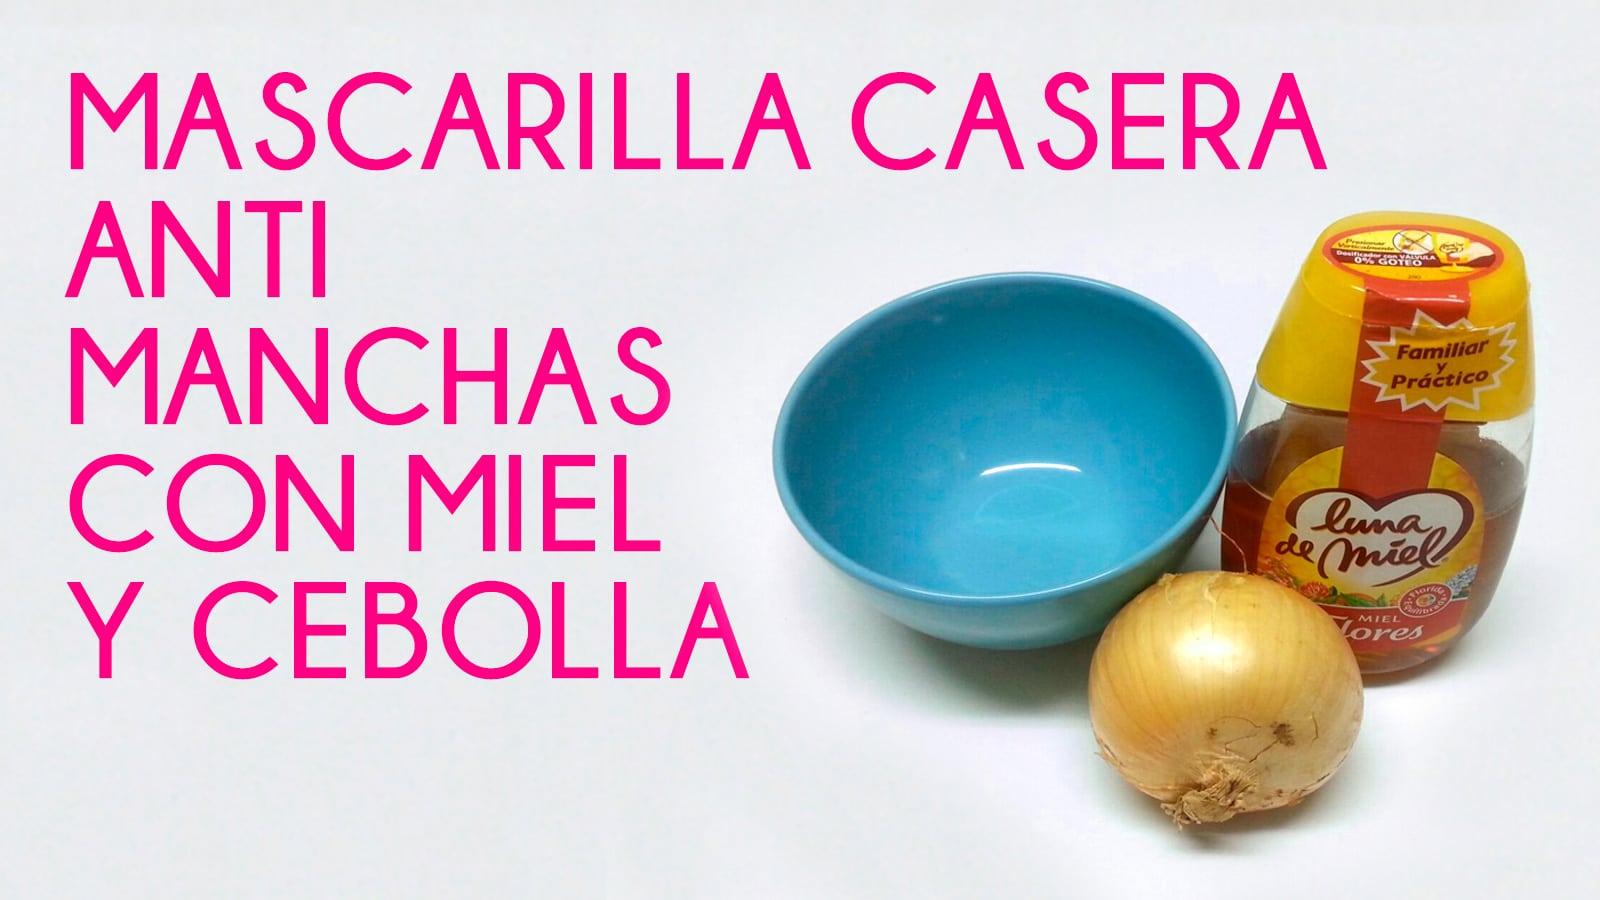 Mascarilla Casera Antimanchas Con Cebolla Y Miel